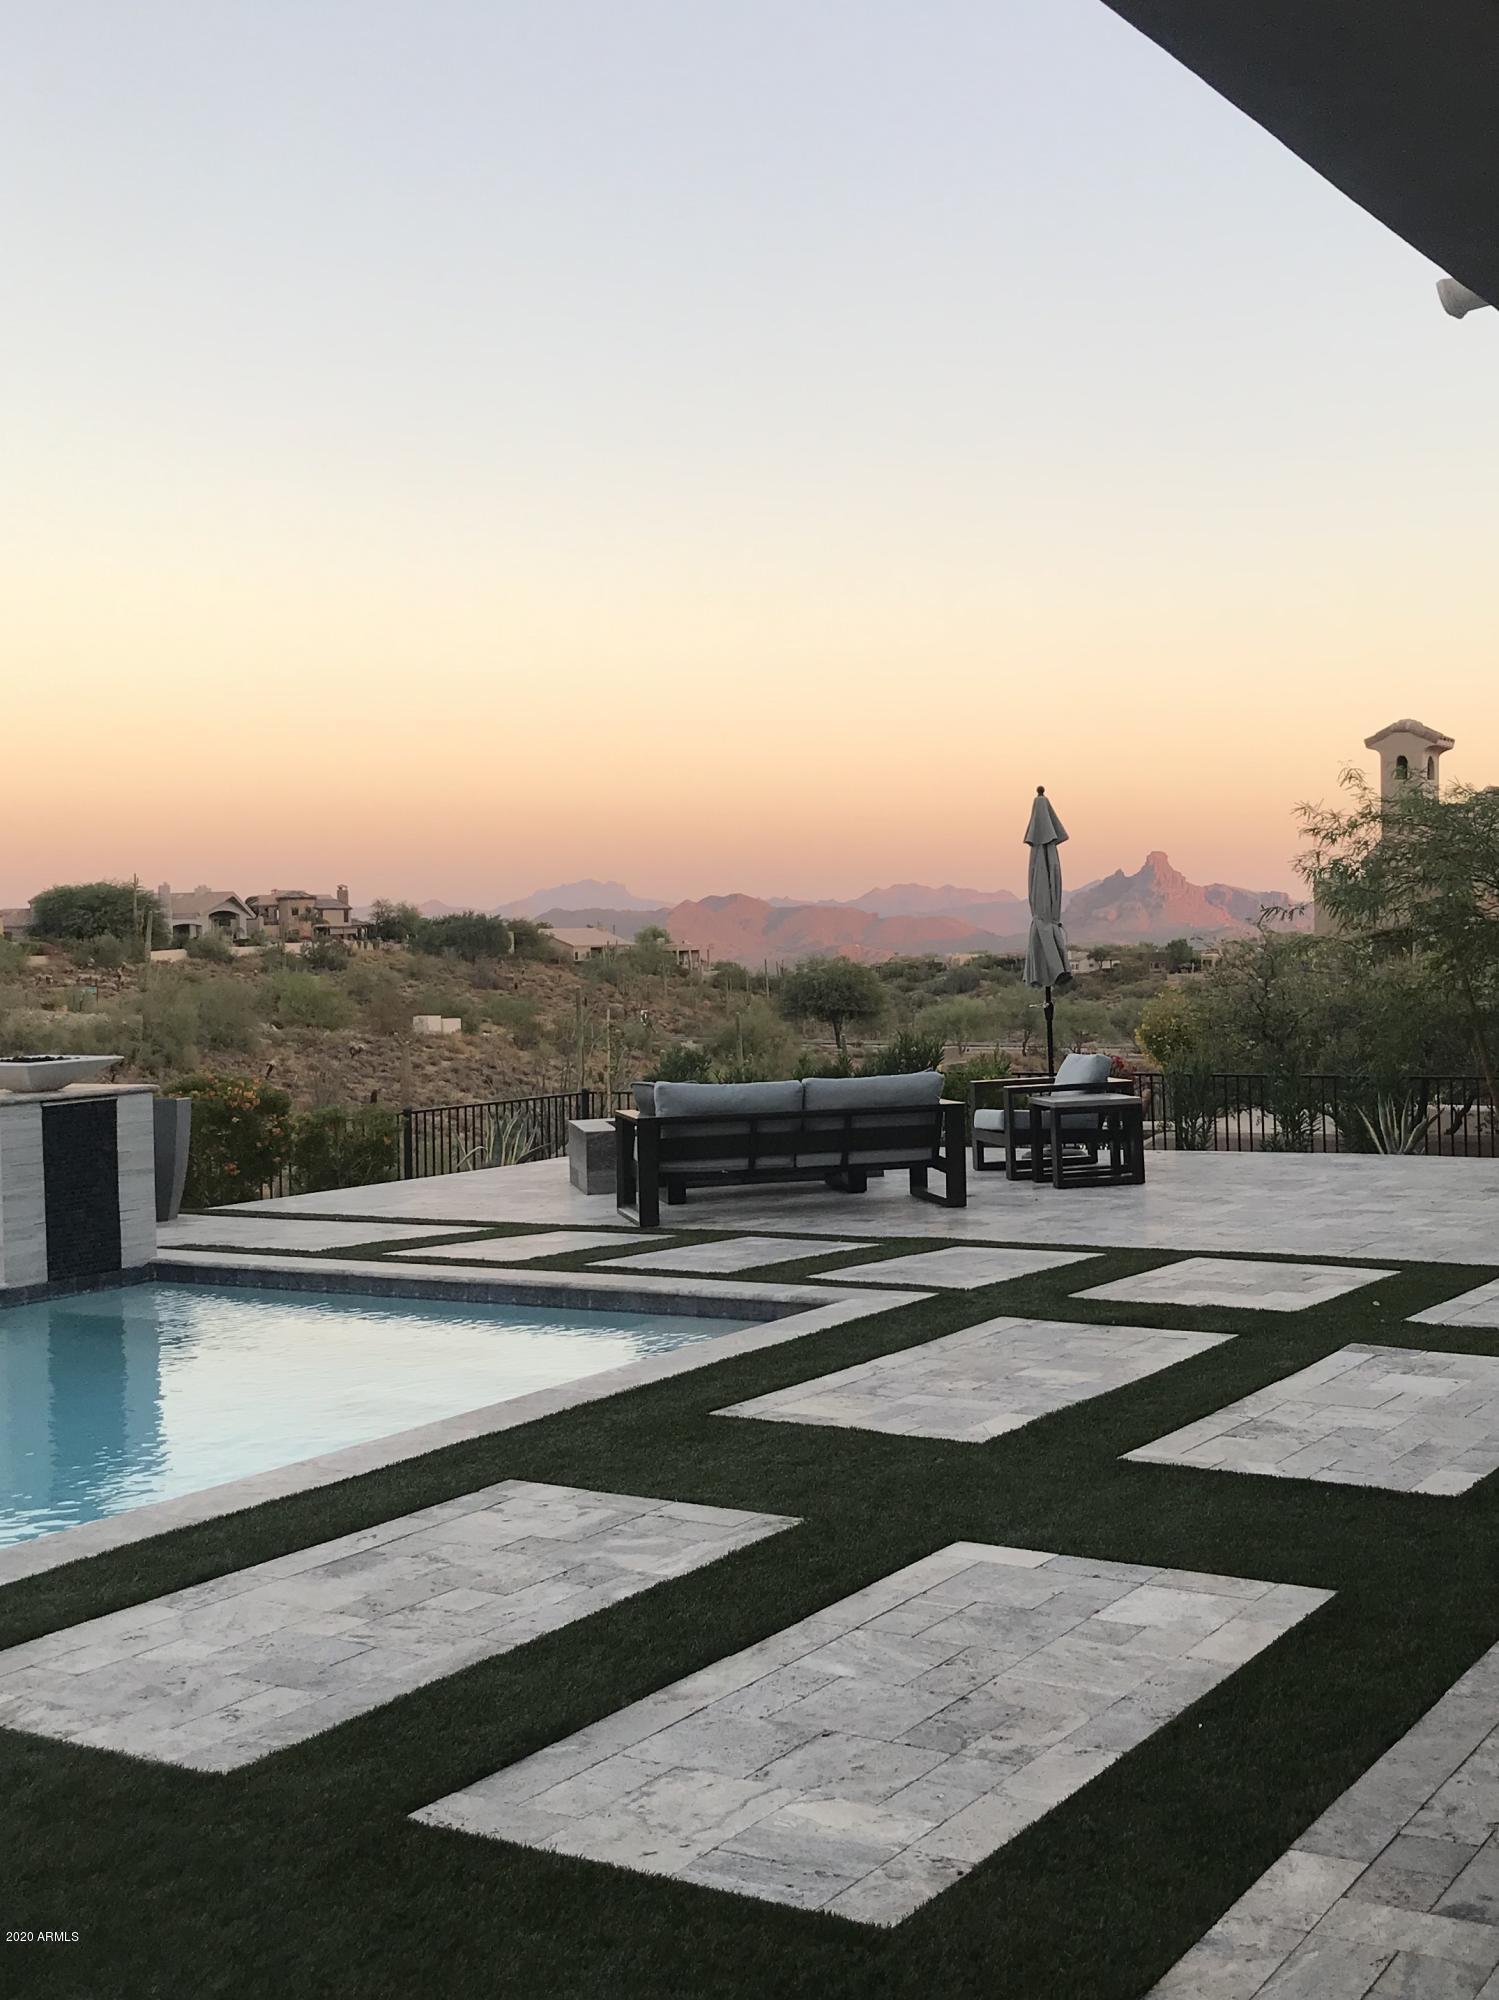 MLS 6143270 11821 N SUNSET VISTA Drive, Fountain Hills, AZ 85268 Fountain Hills AZ Newly Built